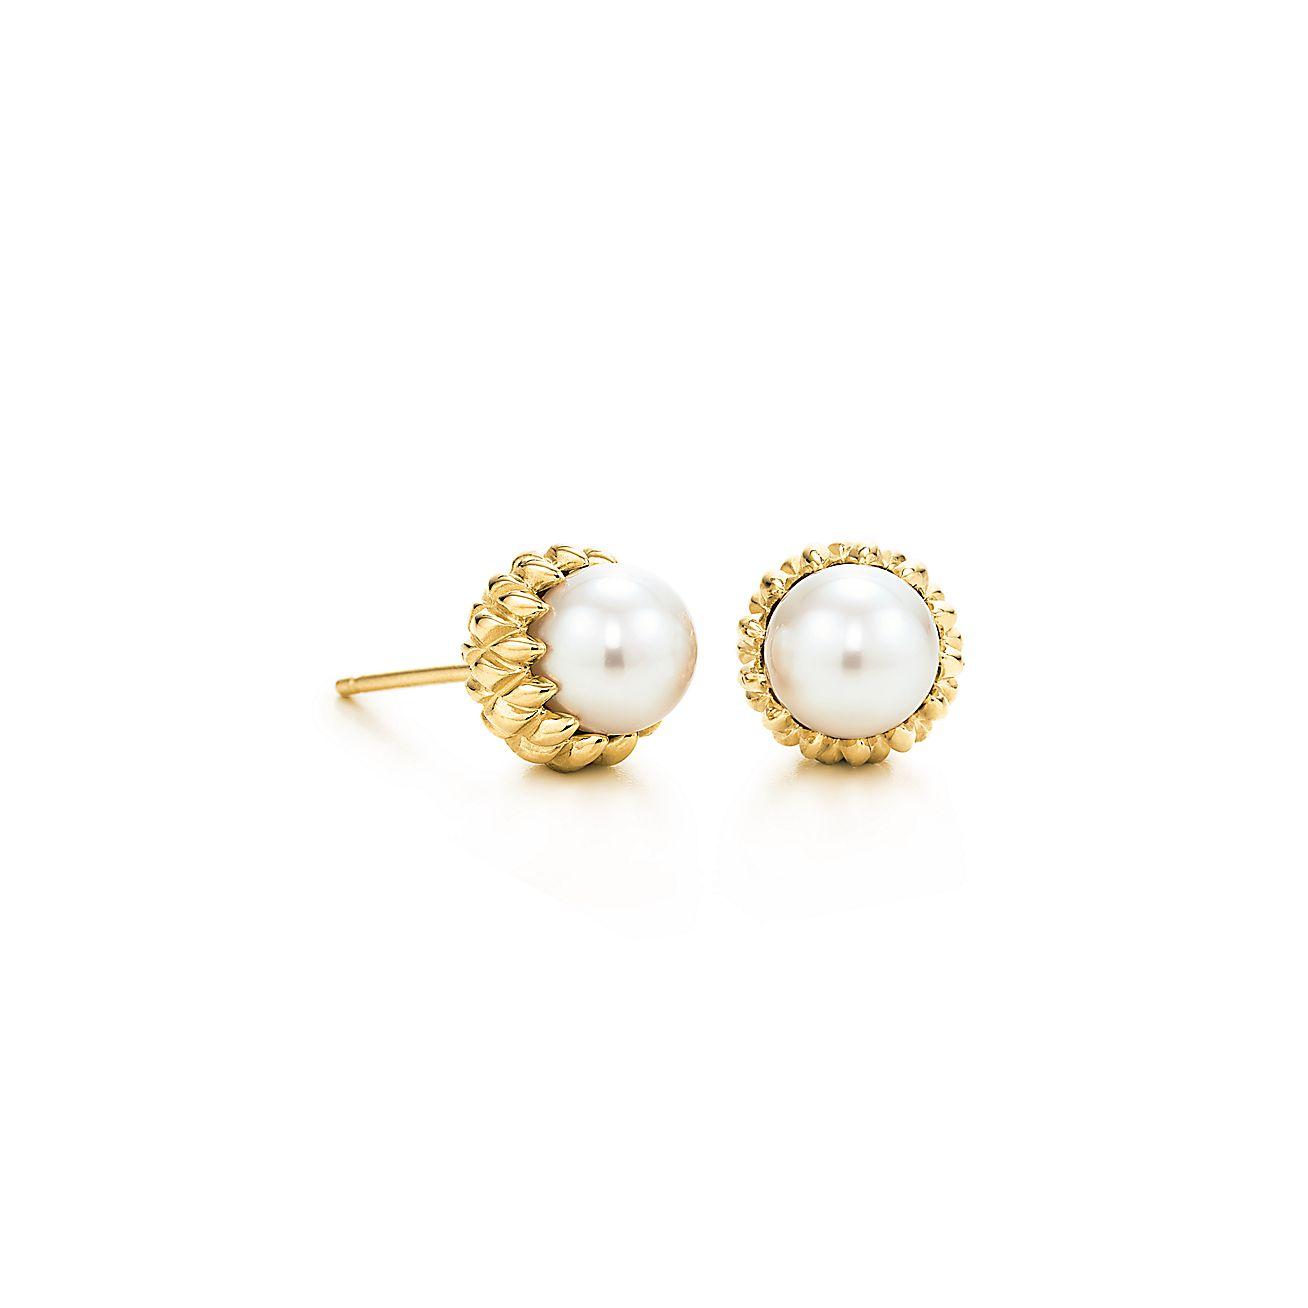 TIFFANY & CO. SCHLUMBERGER Acorn Earrings